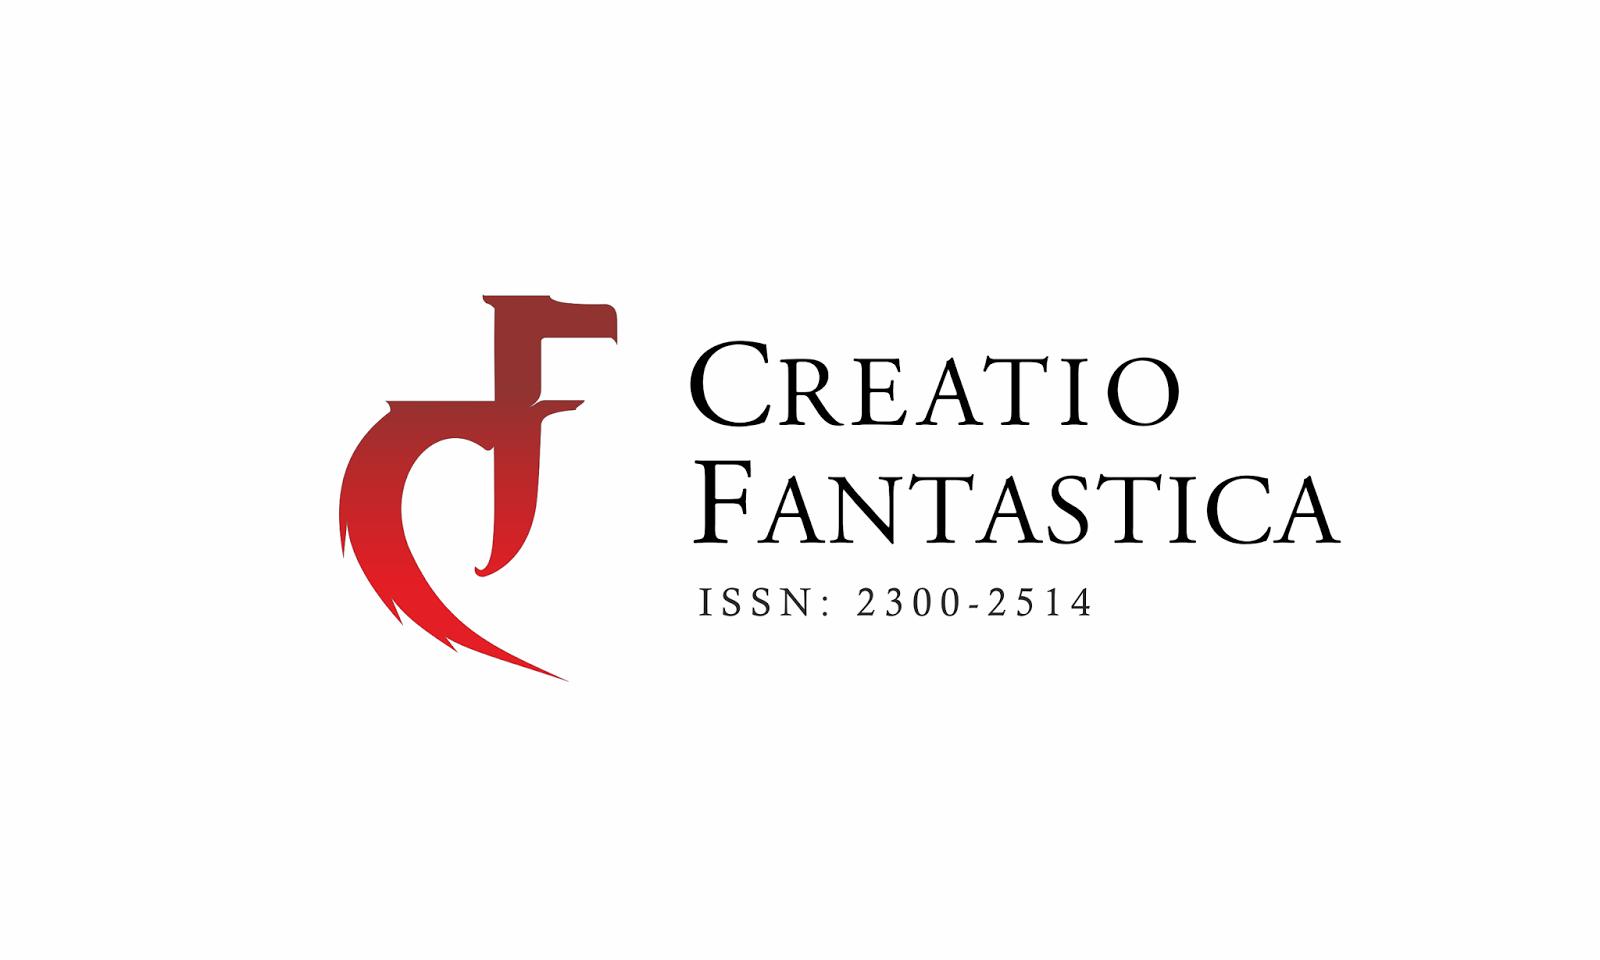 http://creatiofantastica.com/